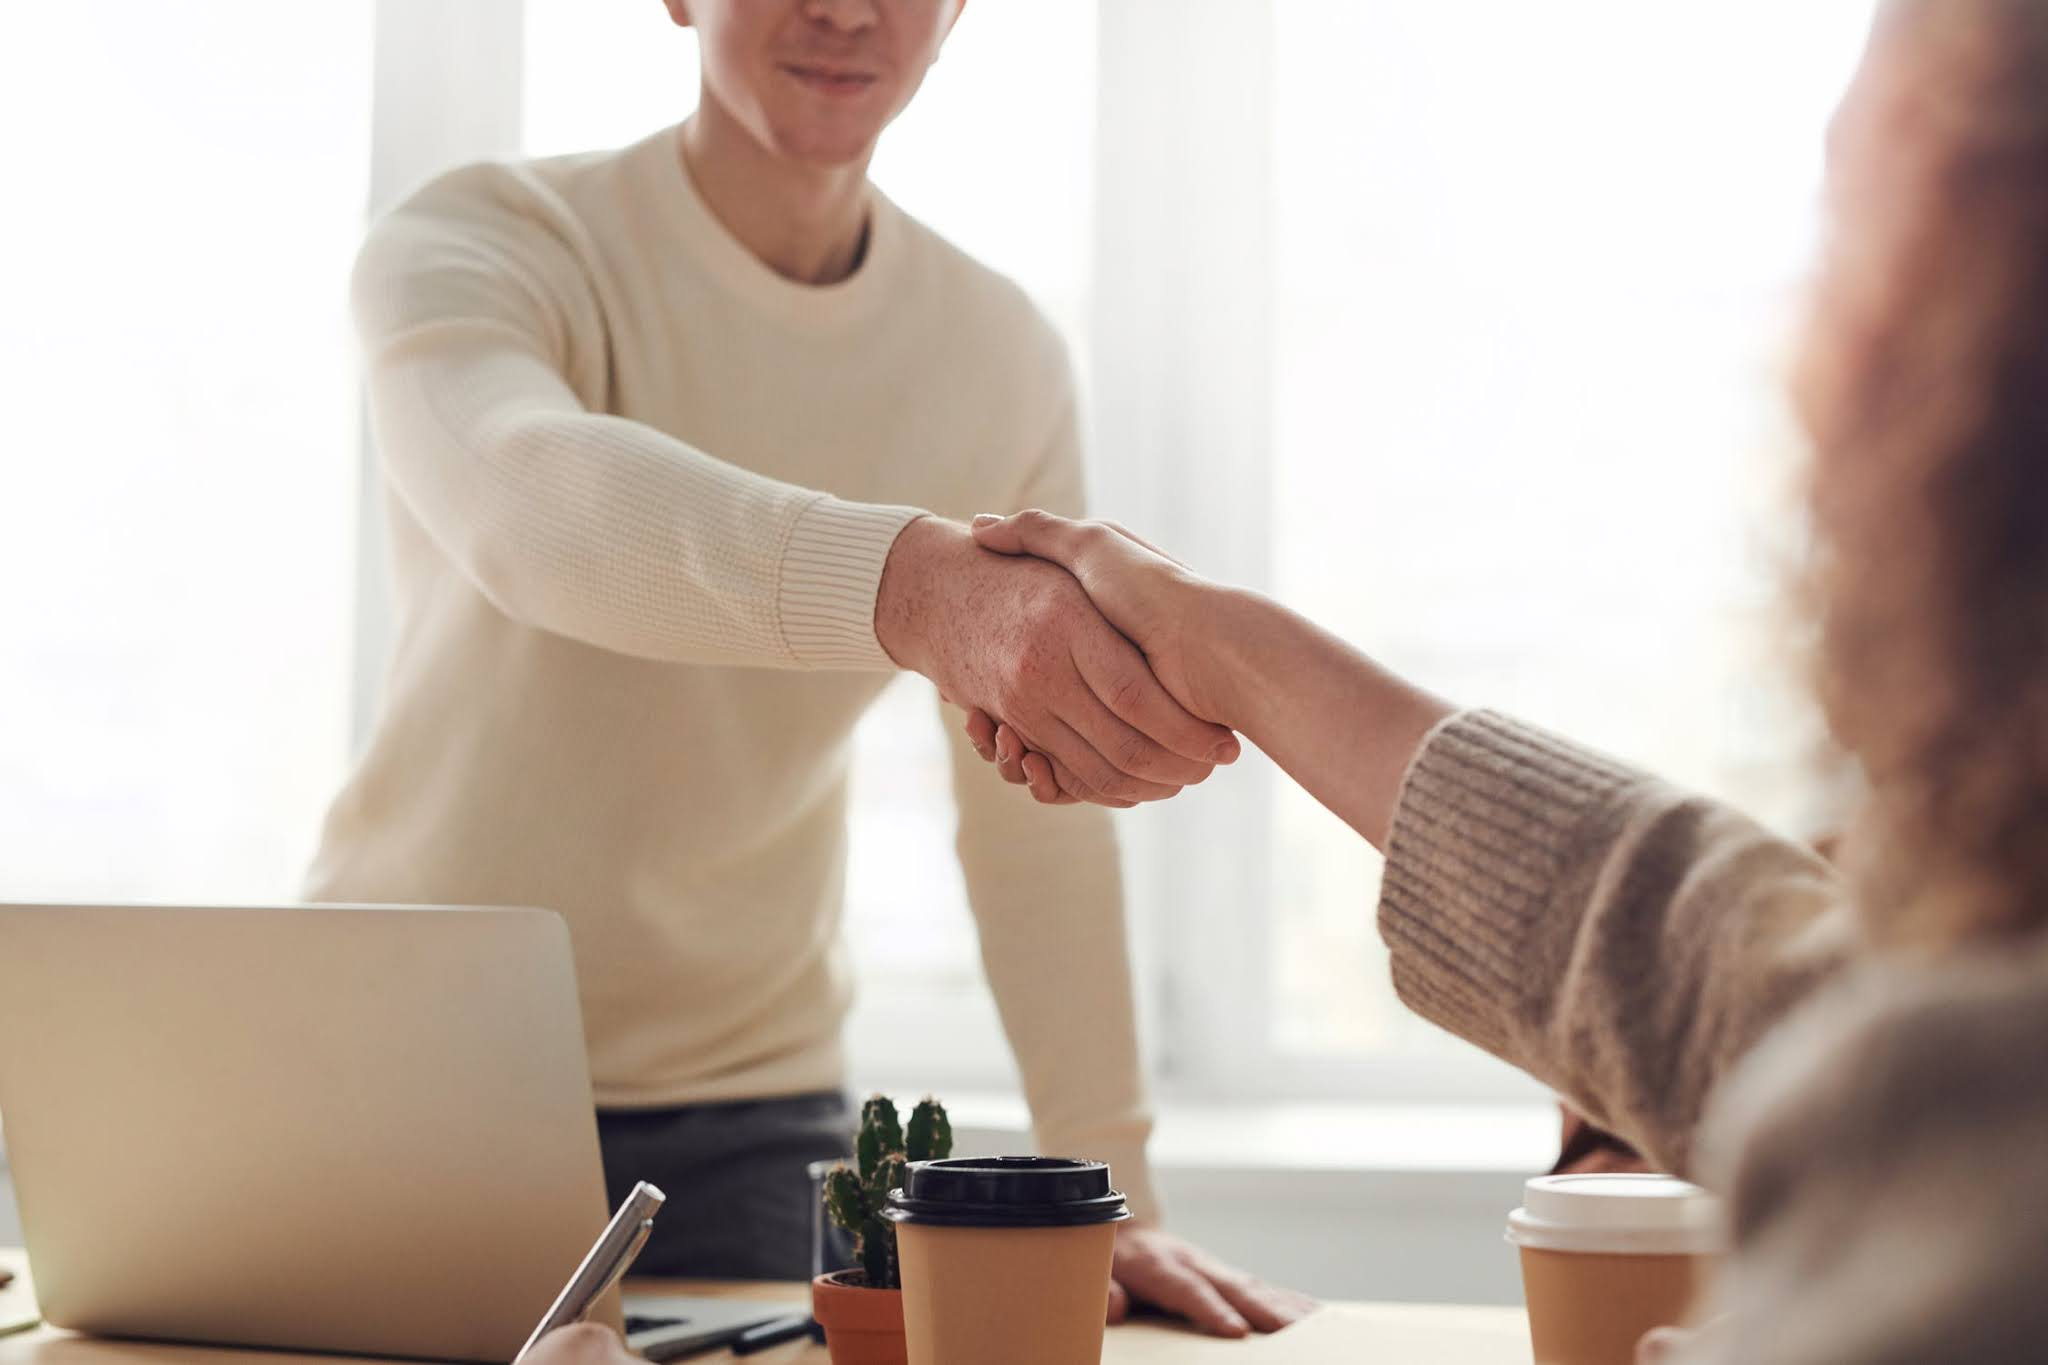 Apakah Anda Benar-benar Siap Mengembangkan Bisnis Anda